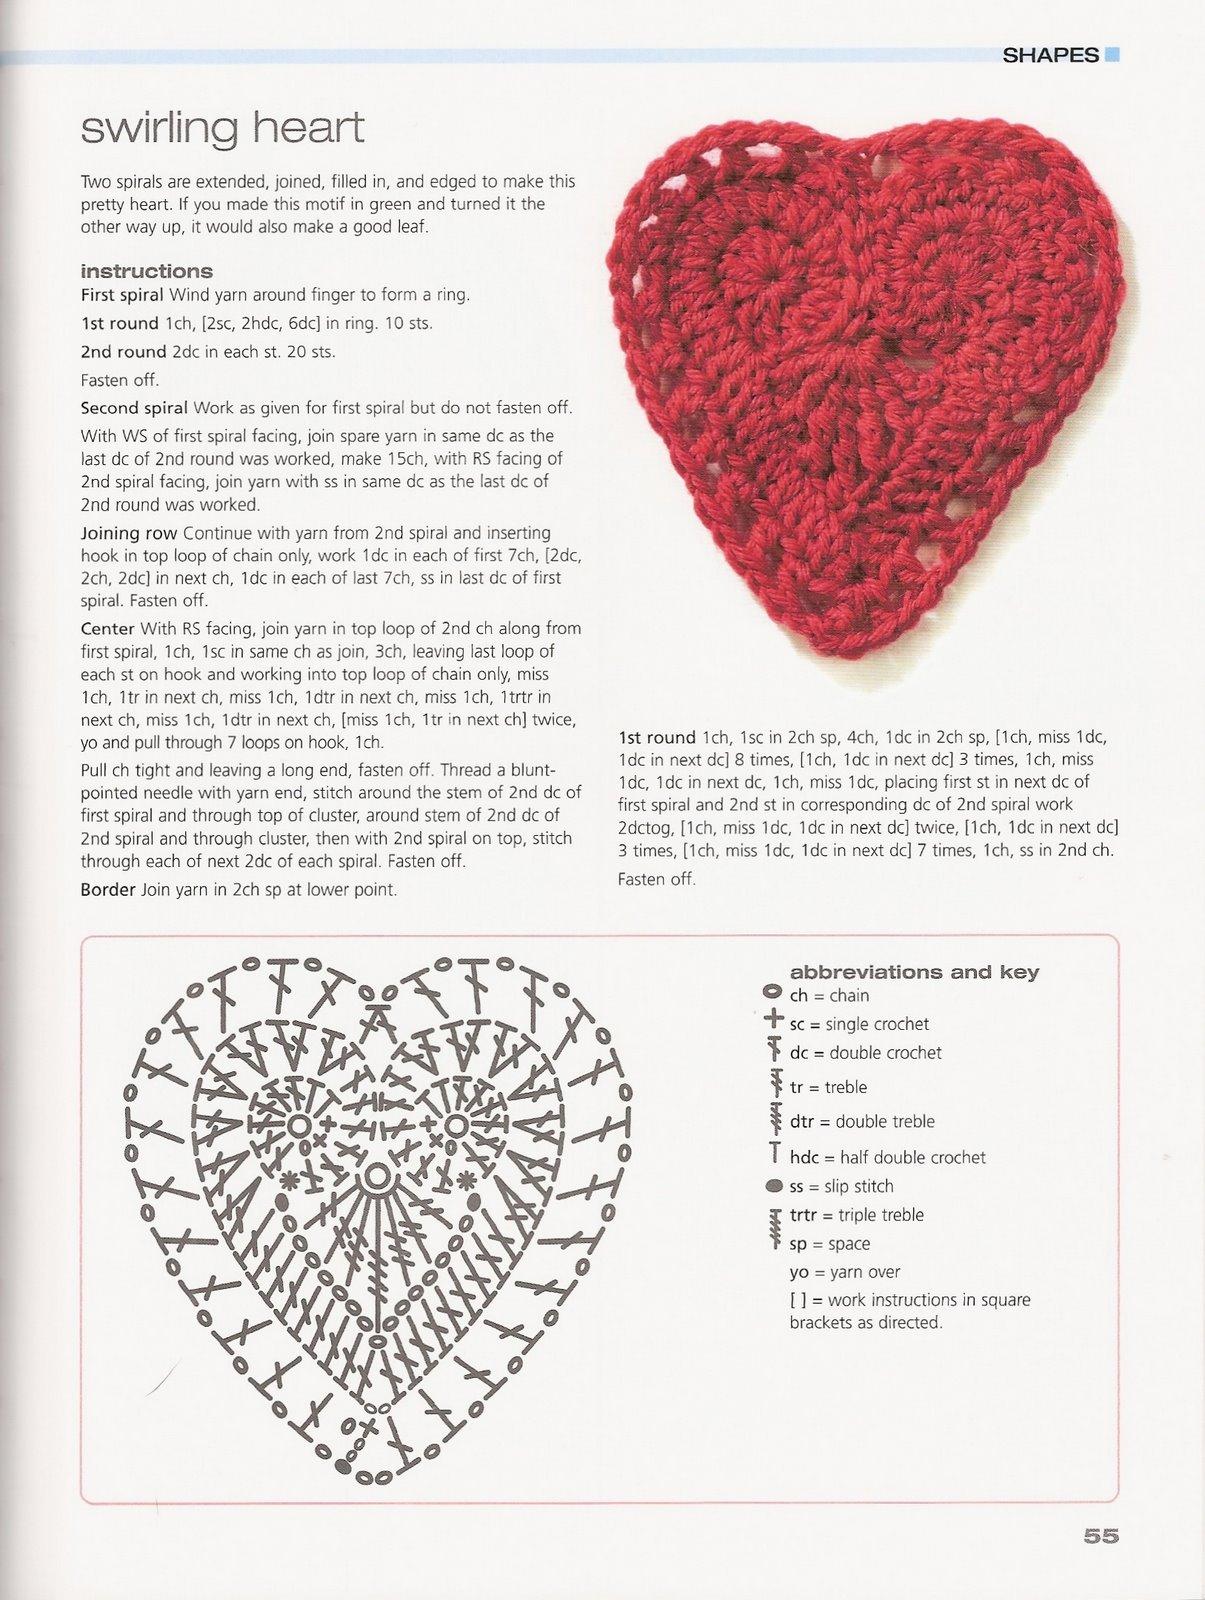 patron de corazones a crochet » 4K Pictures | 4K Pictures [Full HQ ...